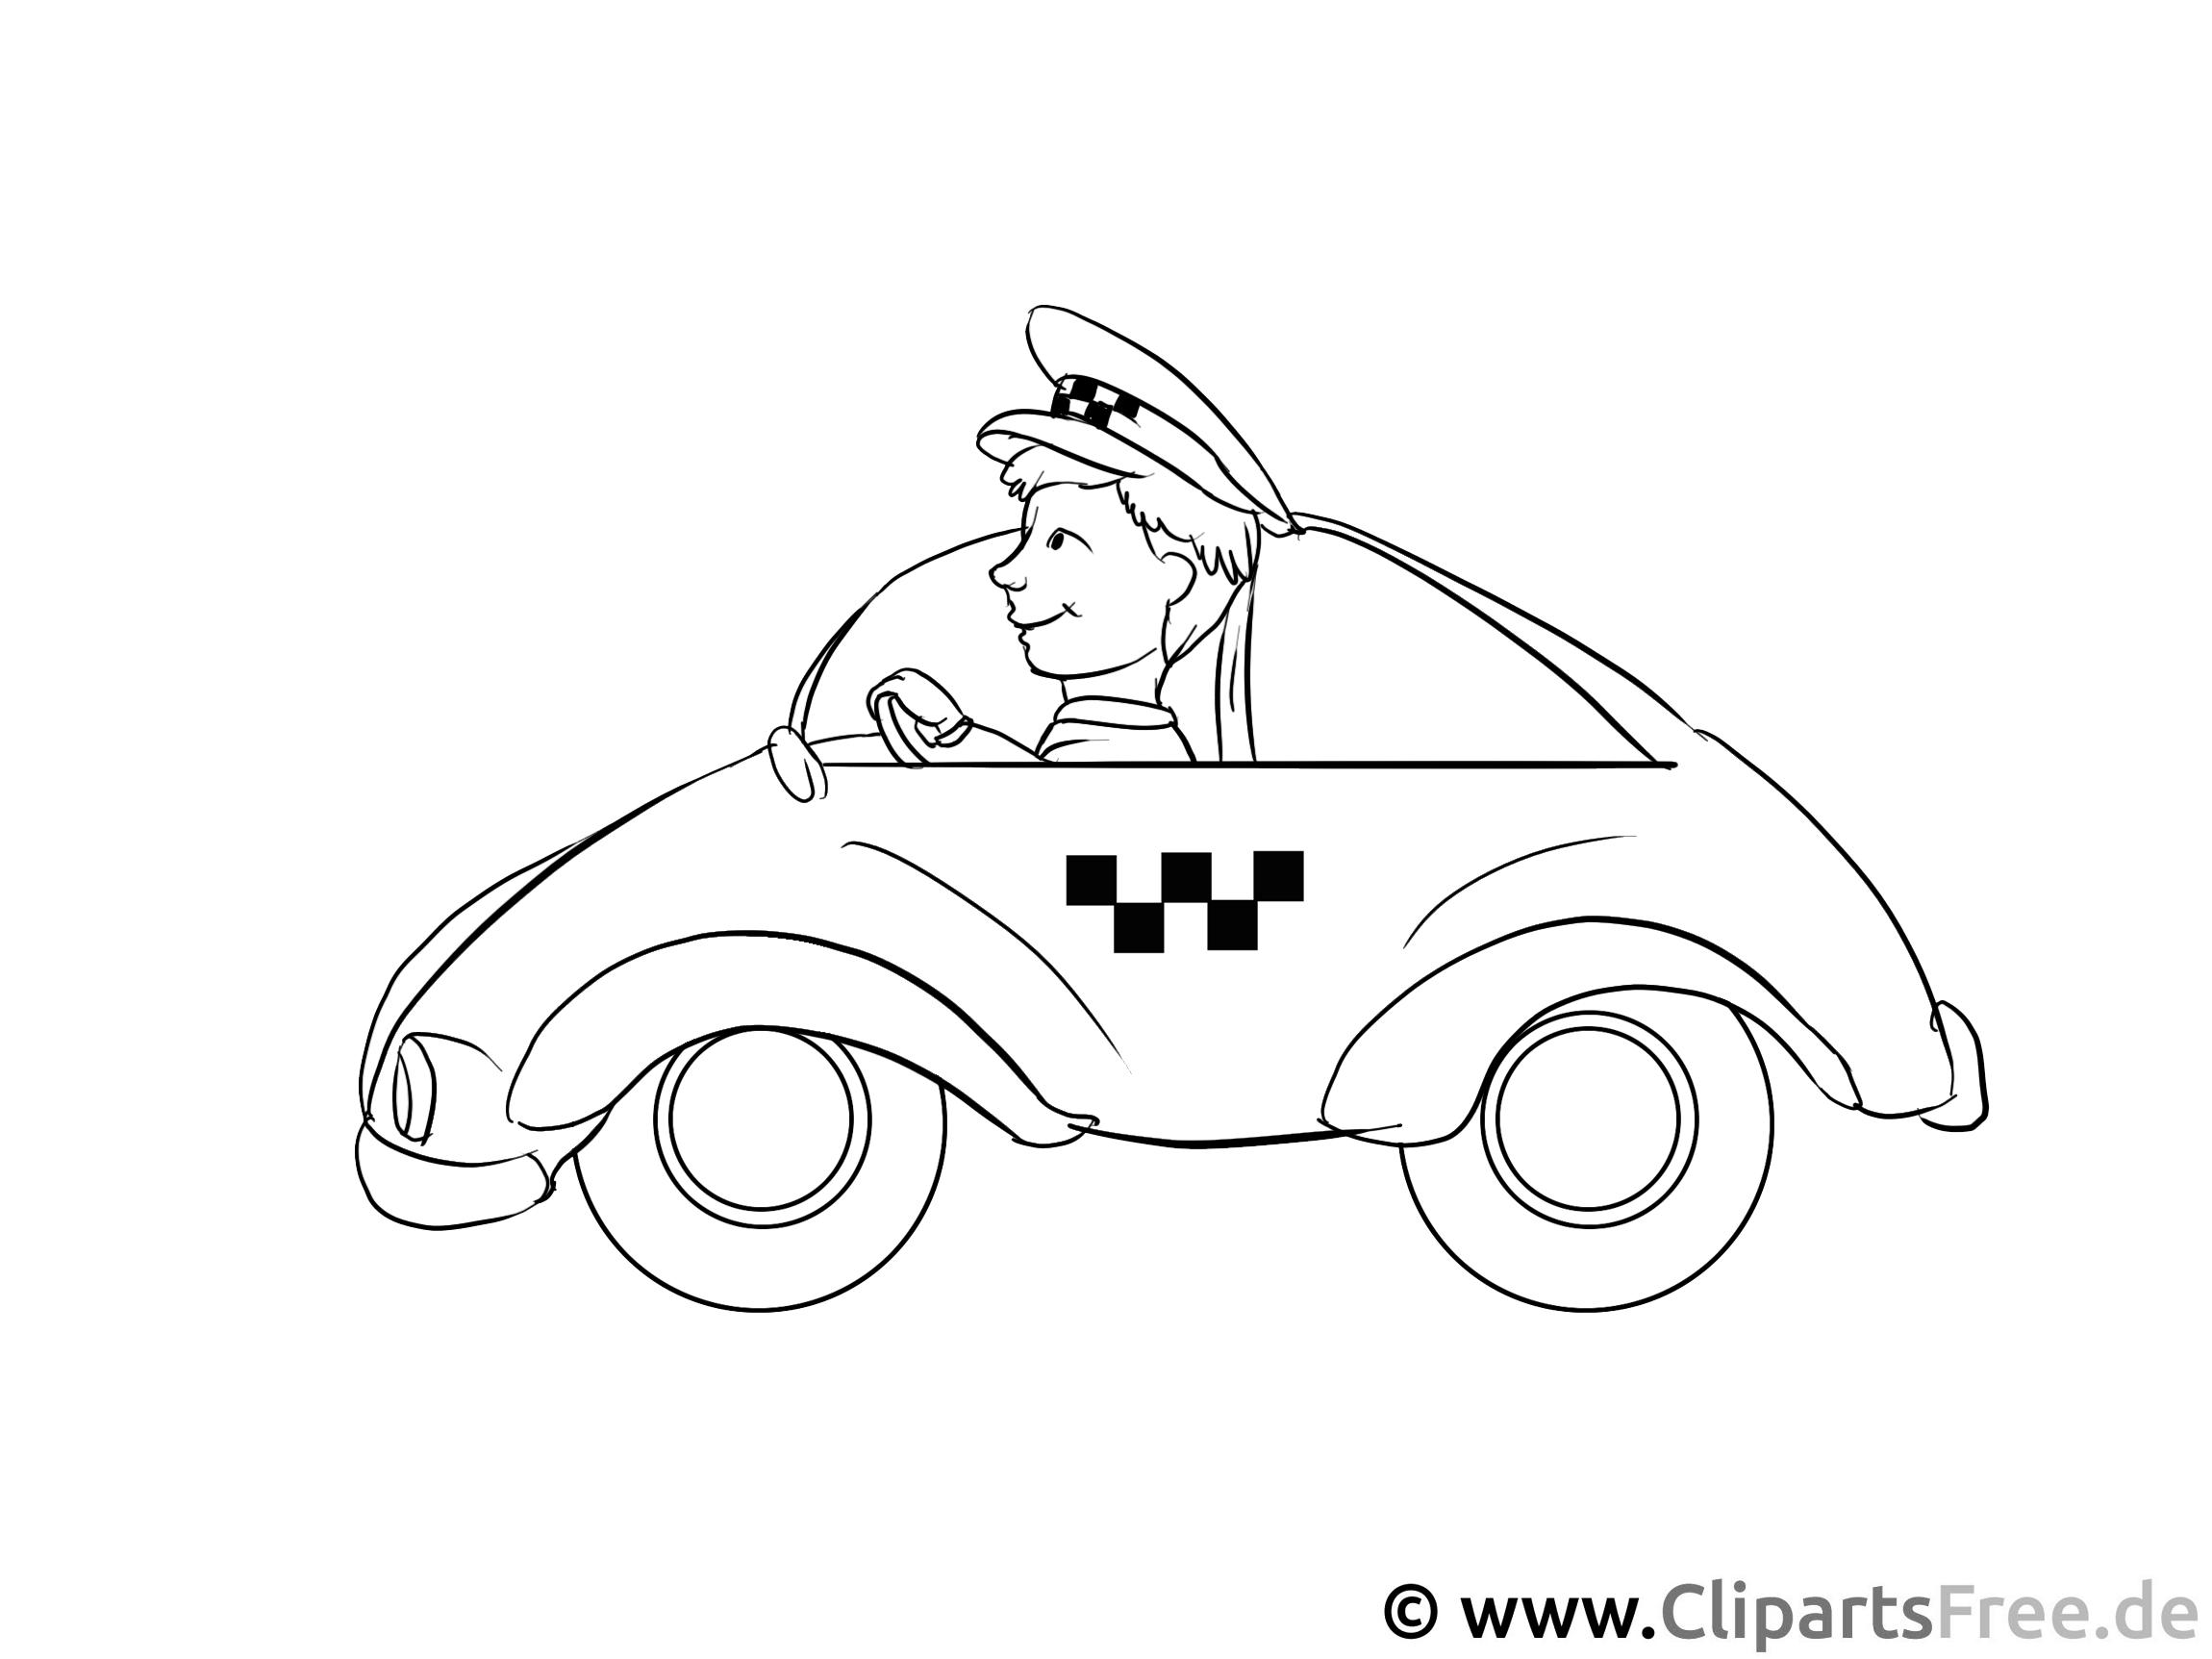 Taxifahrer Ausmalbild - Malvorlagen Menschen und Berufe